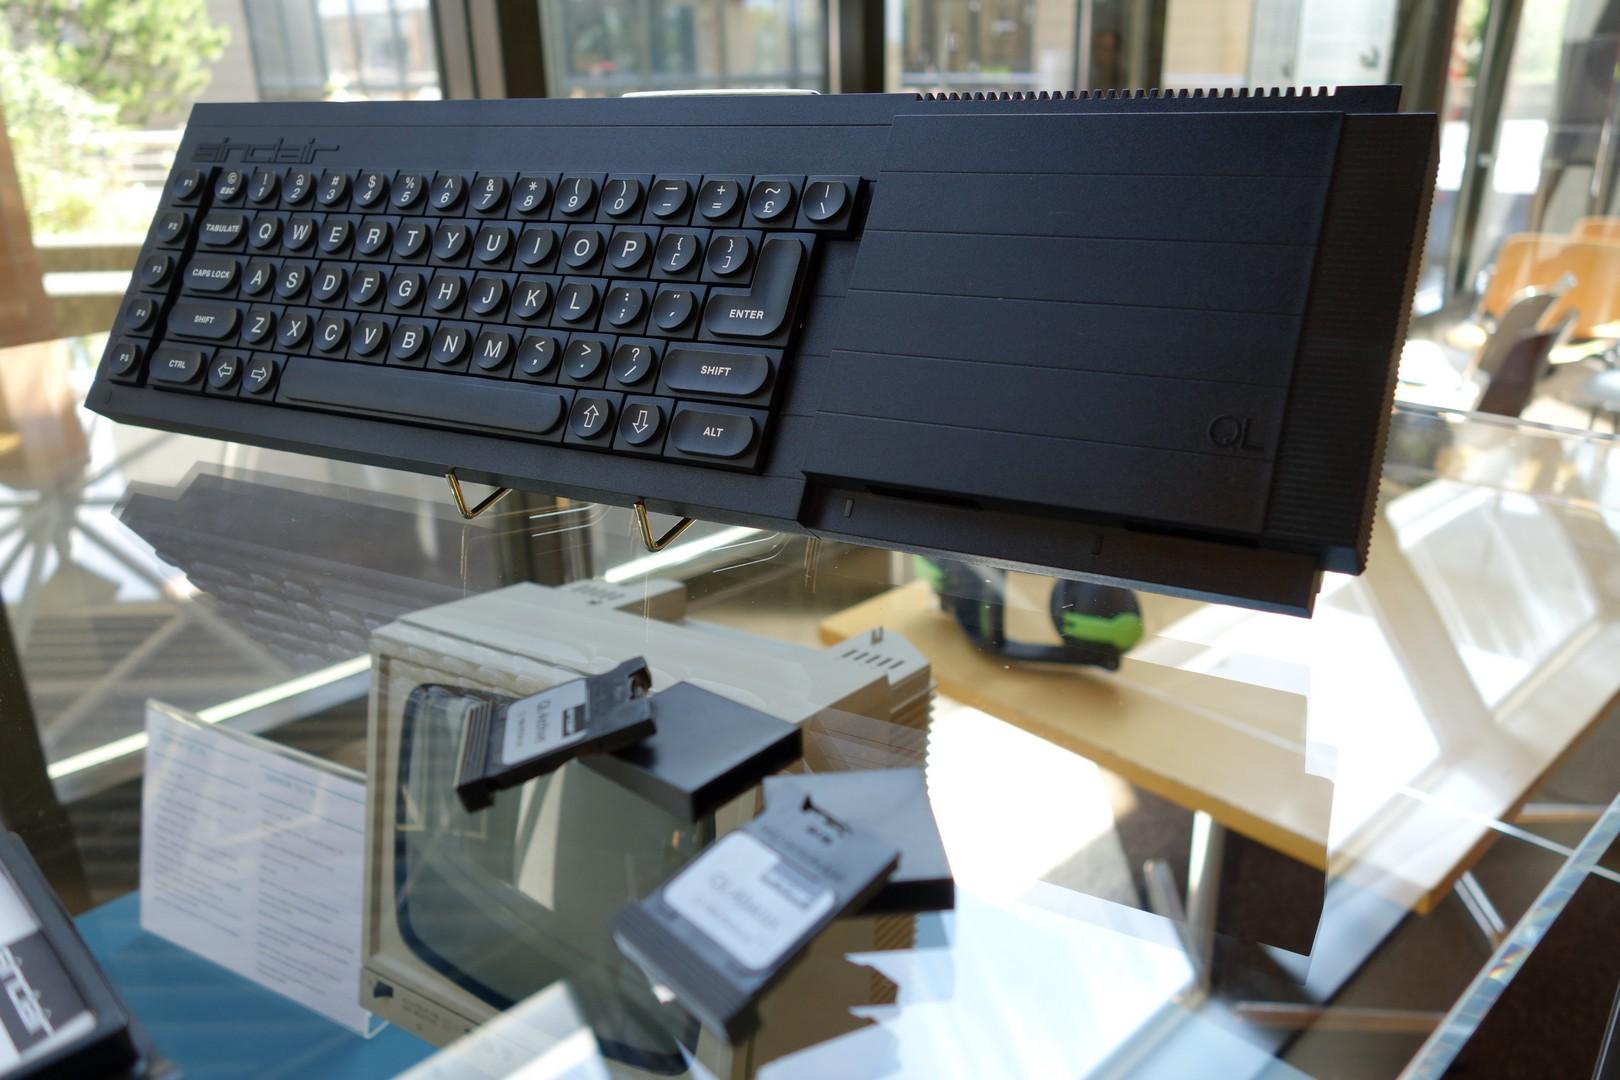 Le Sinclair QL fête ses 30 ans au musée Bolo